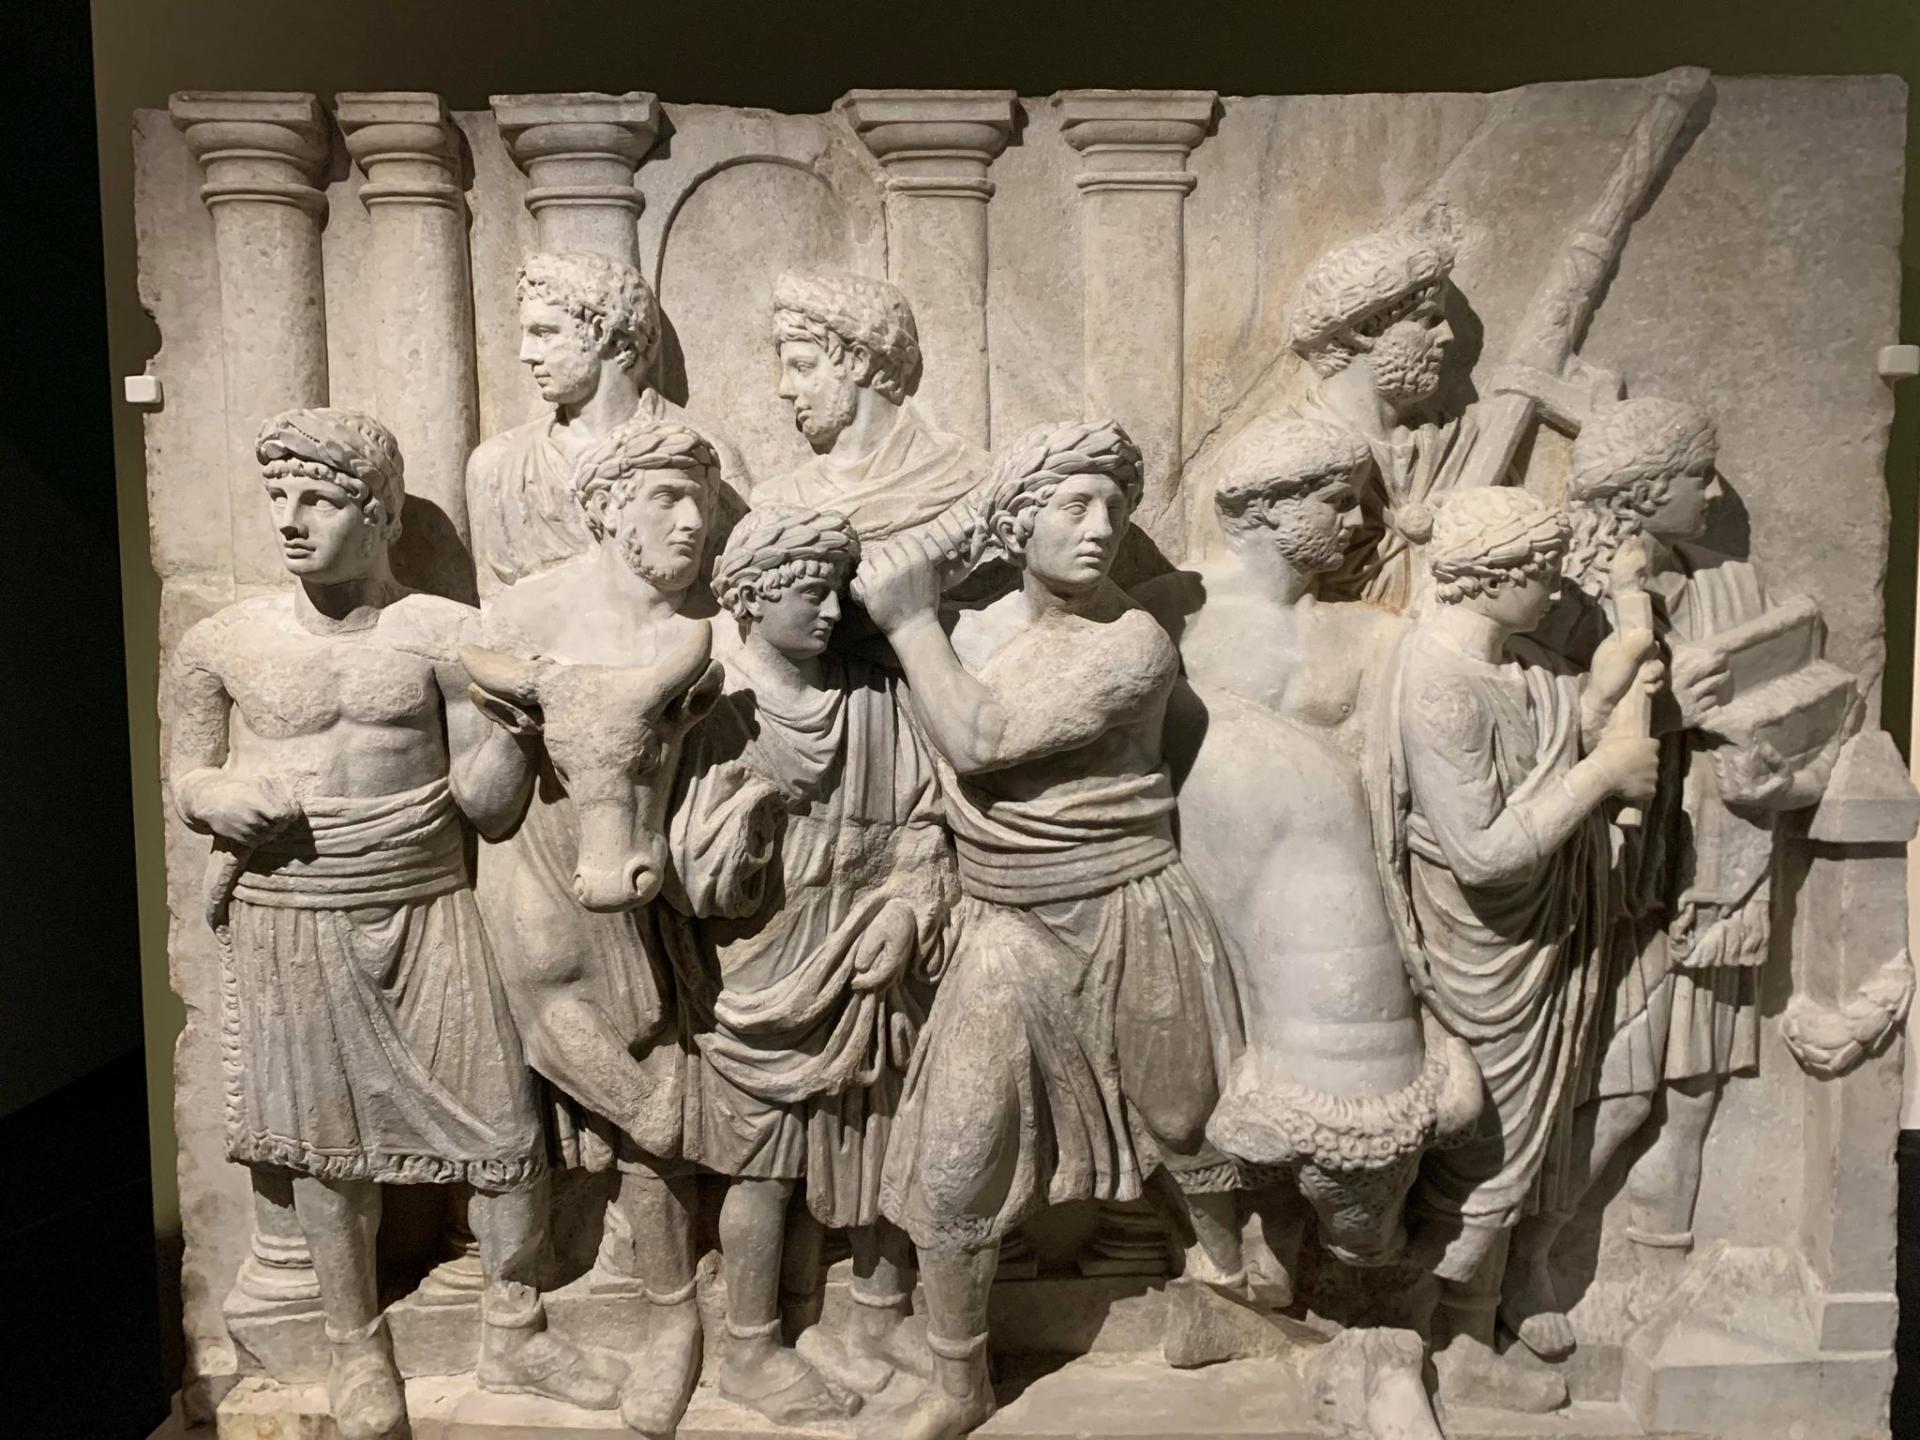 L empereur romain un mortel parmi les dieux 9